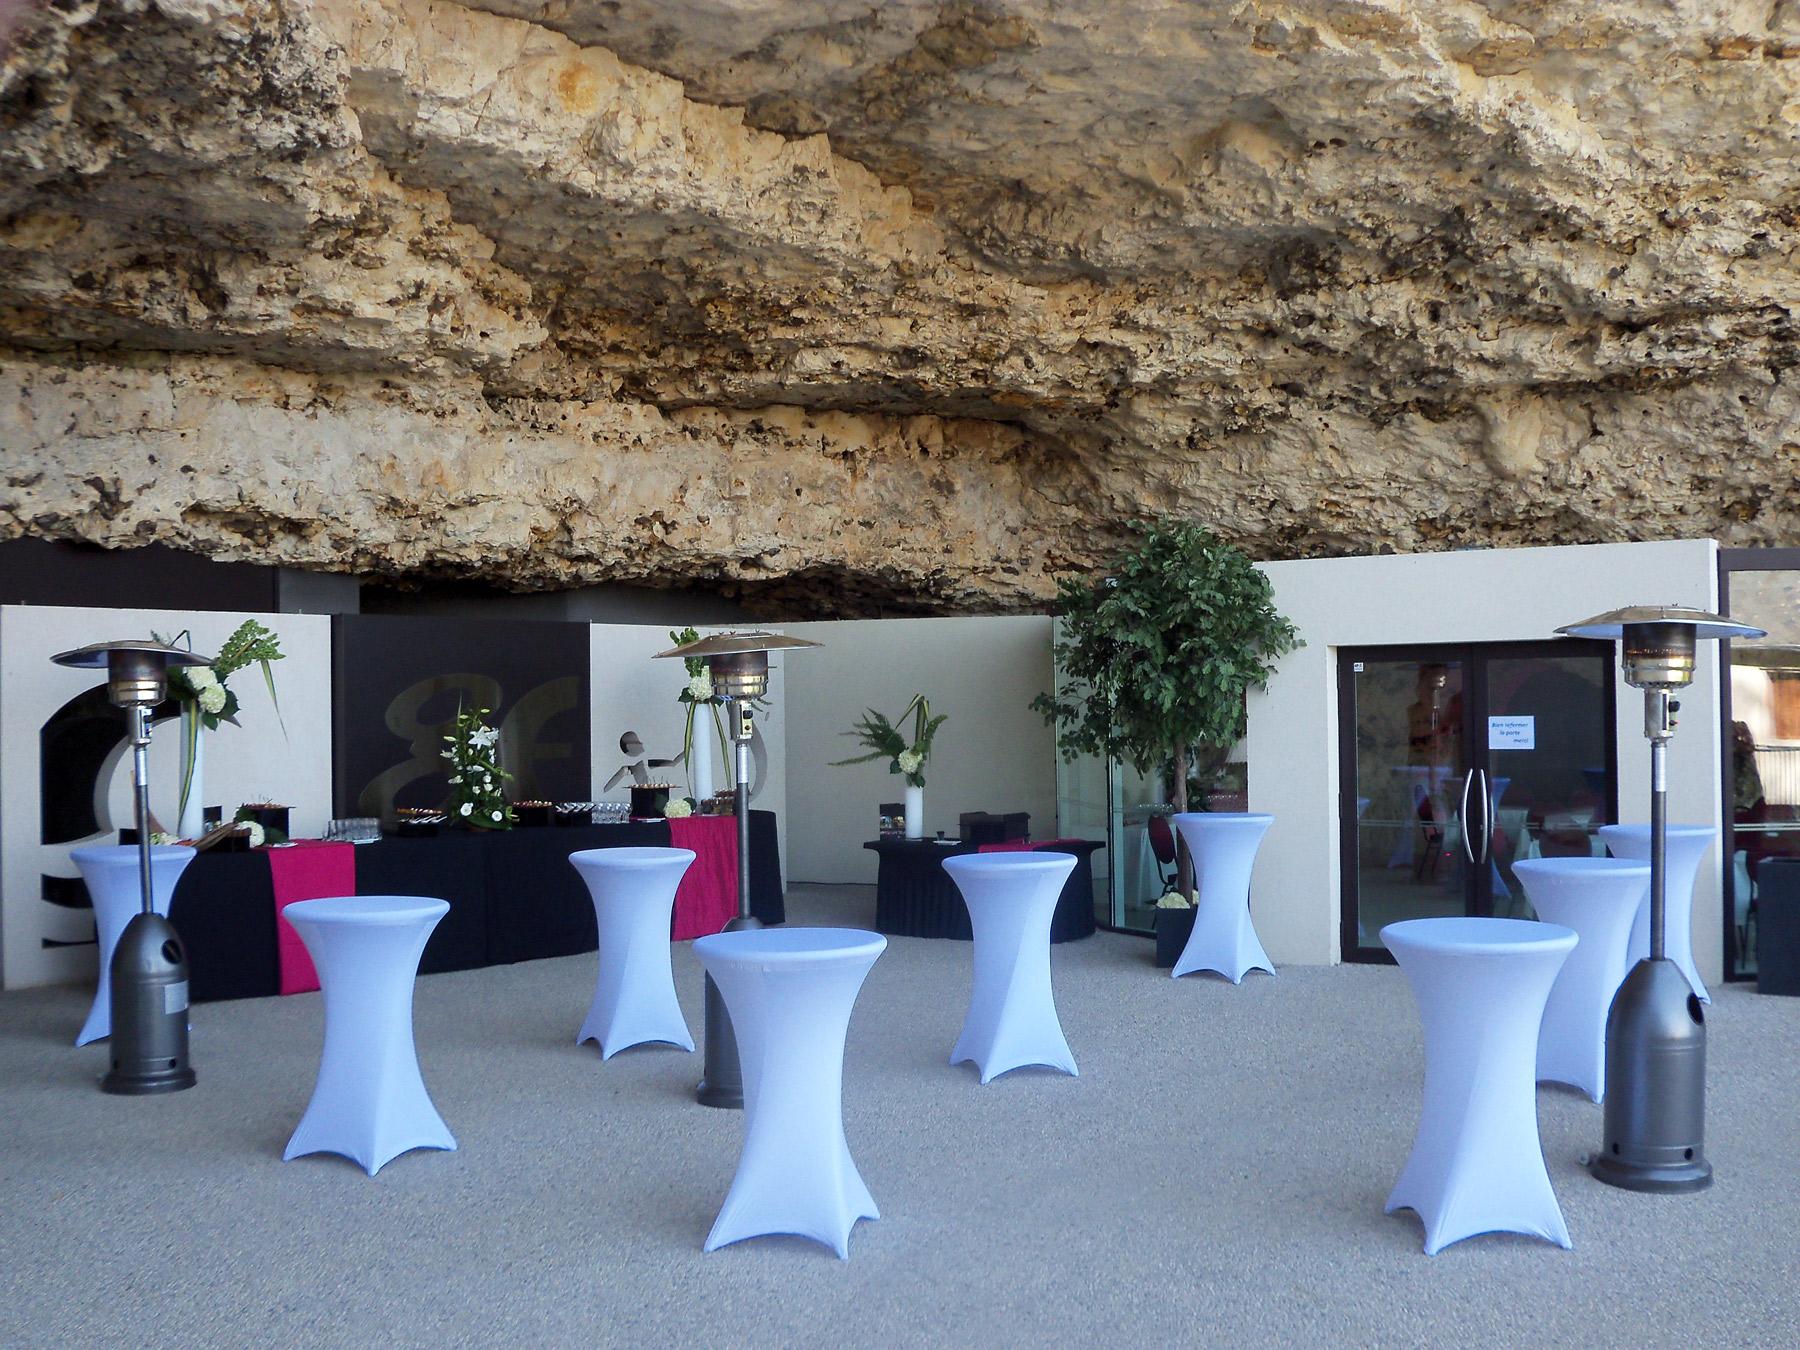 visite-grottes-du-foulon-eure-et-loir